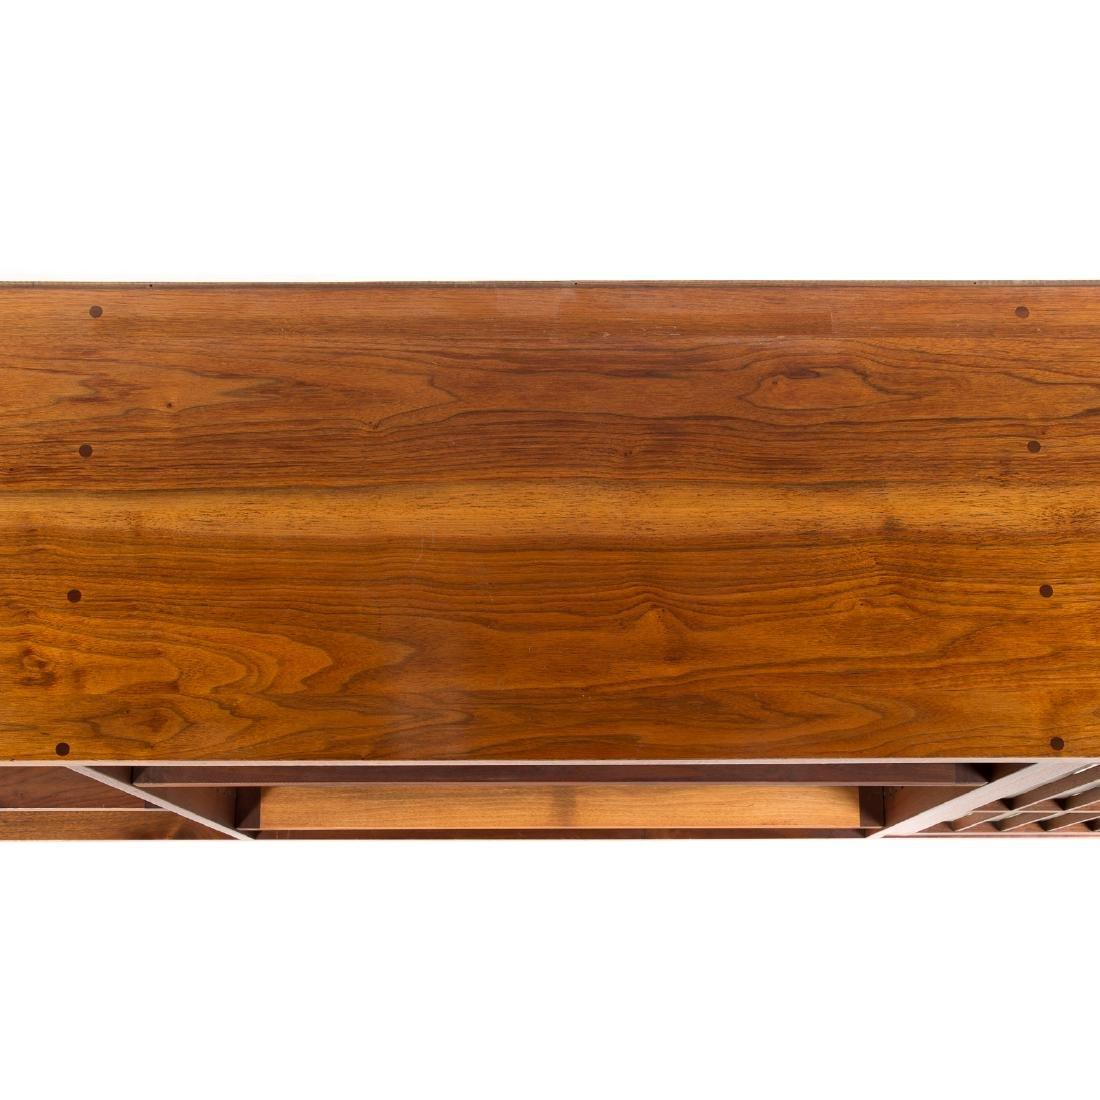 George Nakashima Custom Cabinet - 4